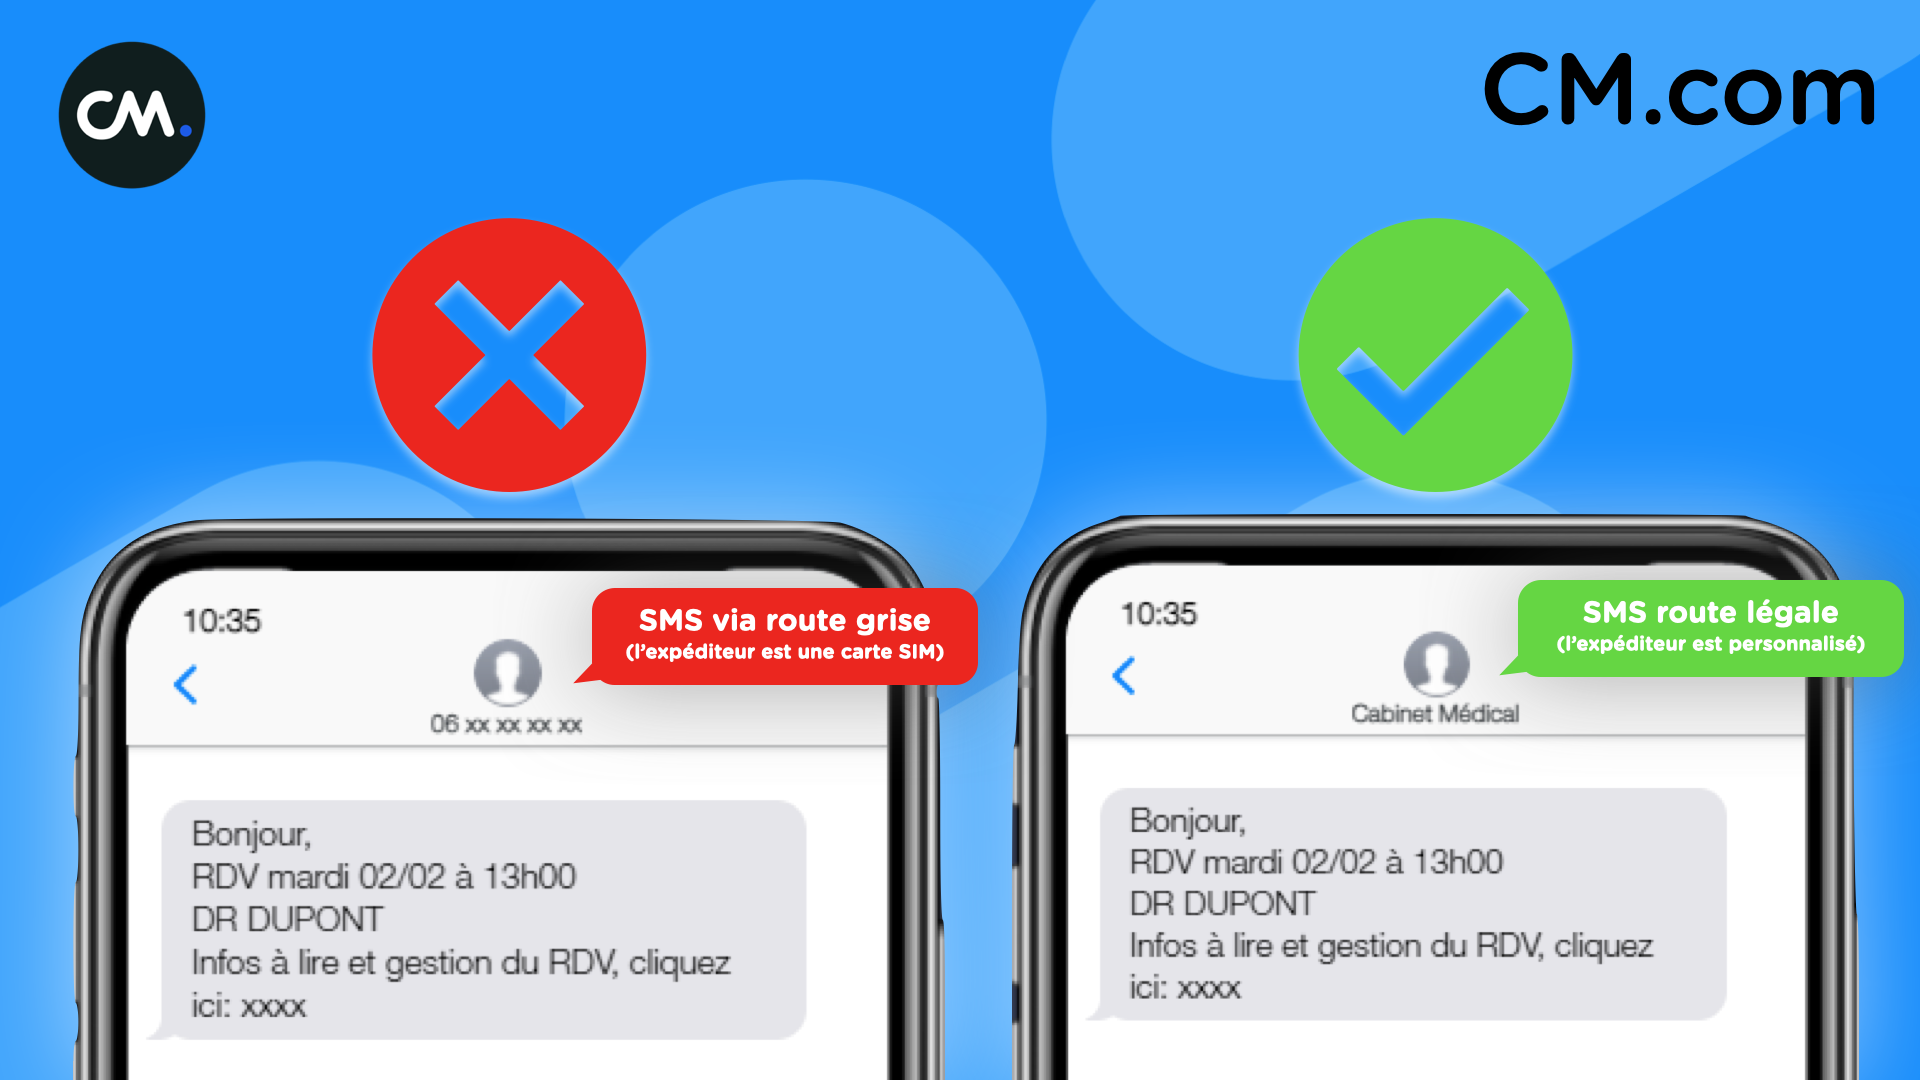 Routes grises SMS pour les RDV médicaux : CM.com voit rouge